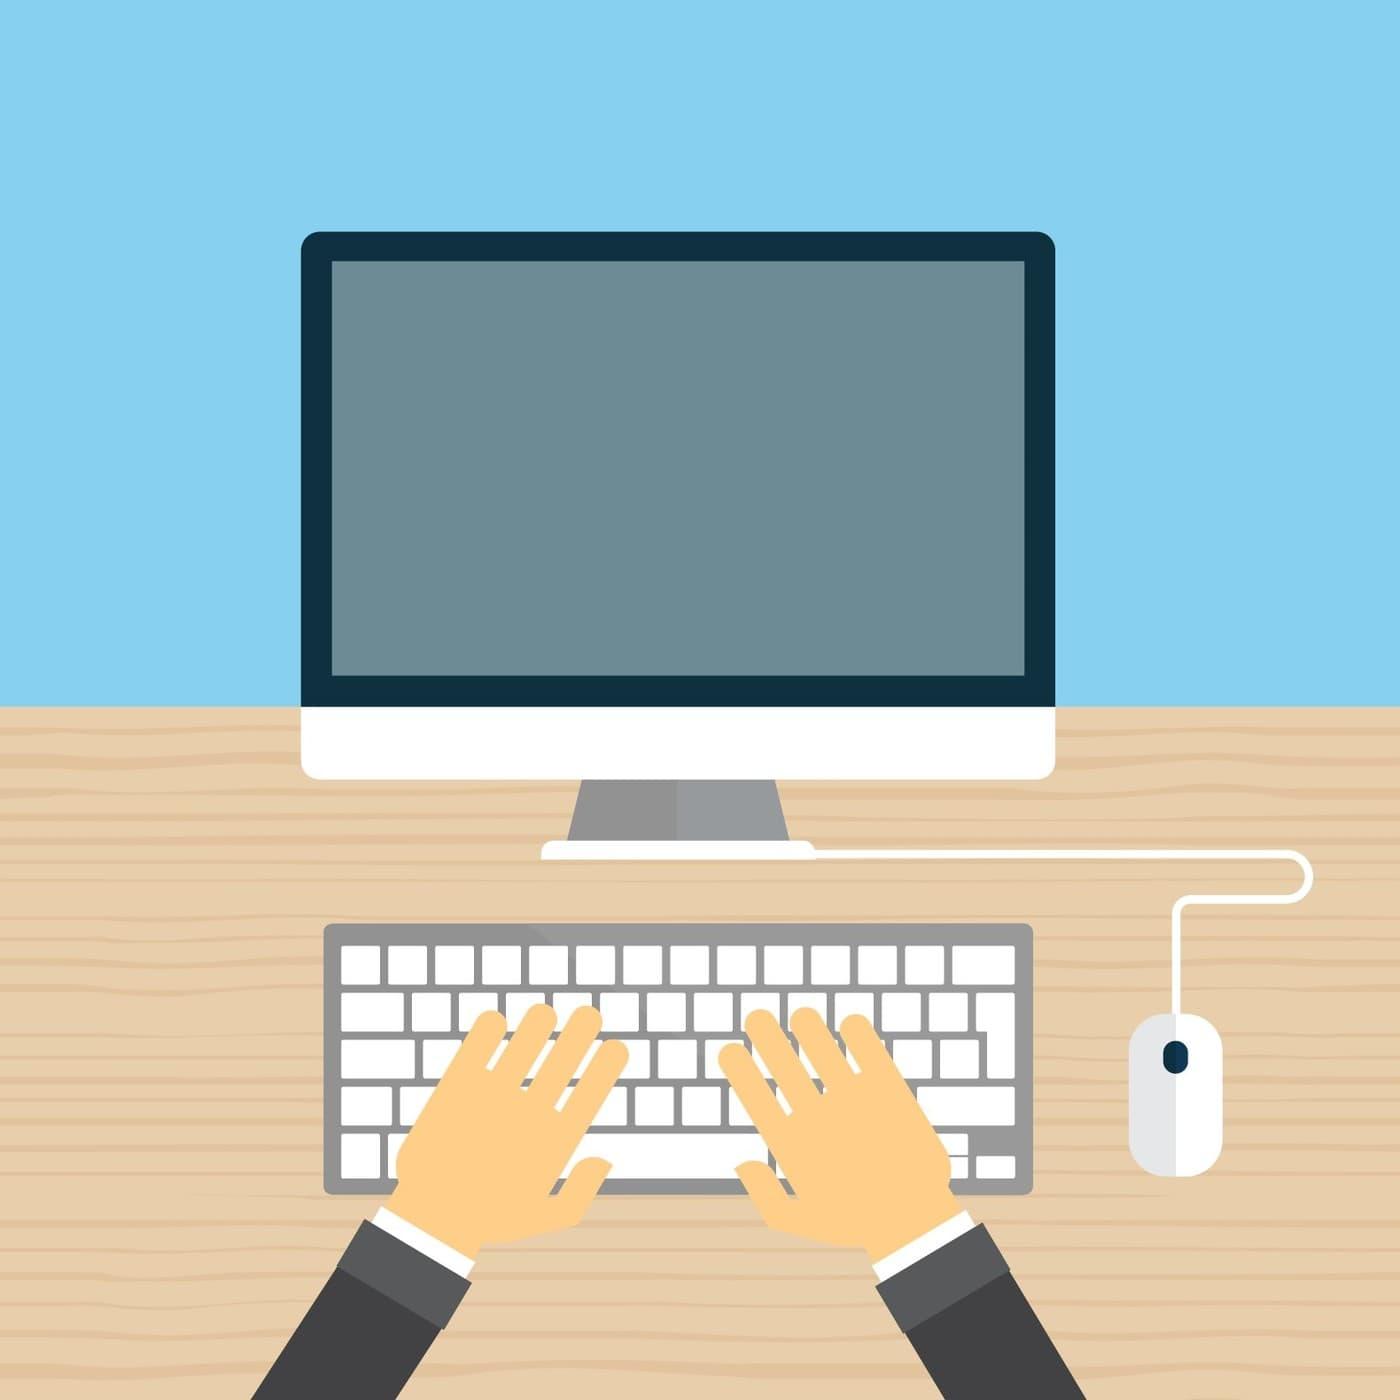 Срочный ремонт компьютеров: особенности услуги